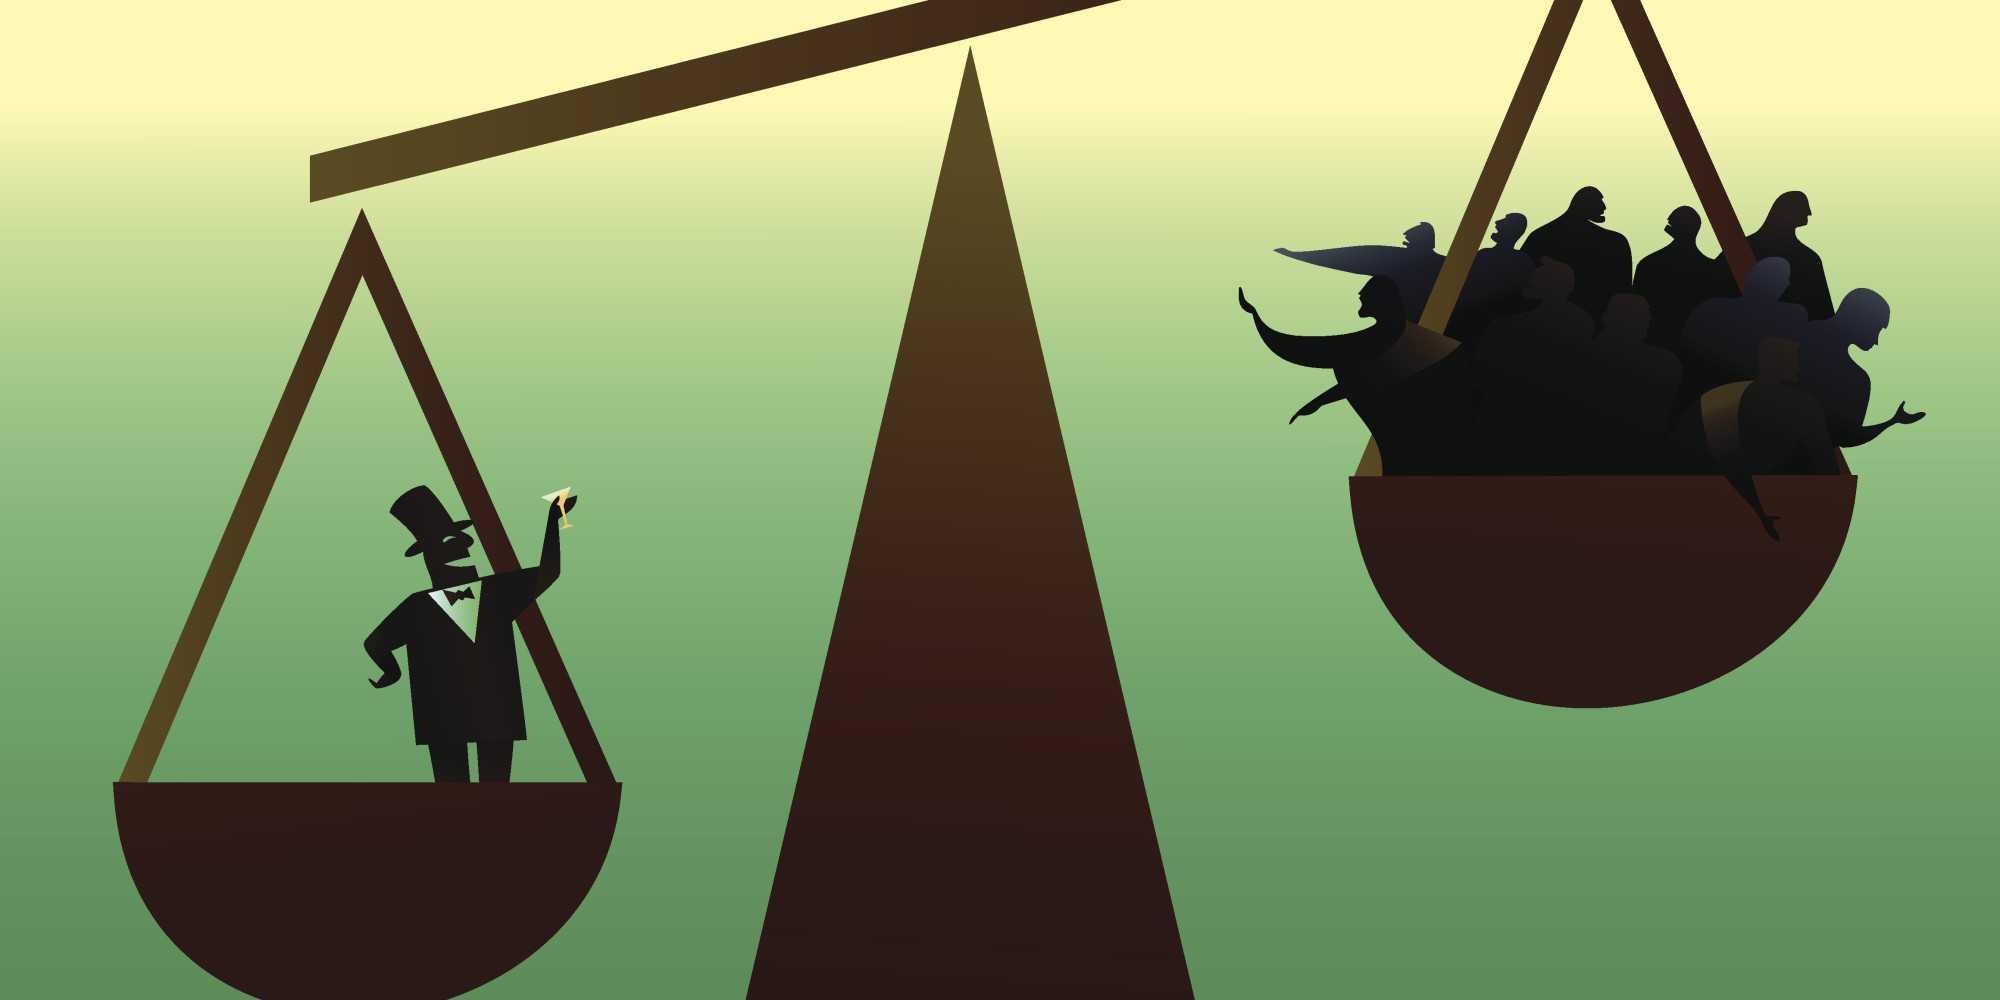 Οικονομική ανισότητα: 8 άνθρωποι έχουν ίδιο πλούτο με την μισή ανθρωπότητα!